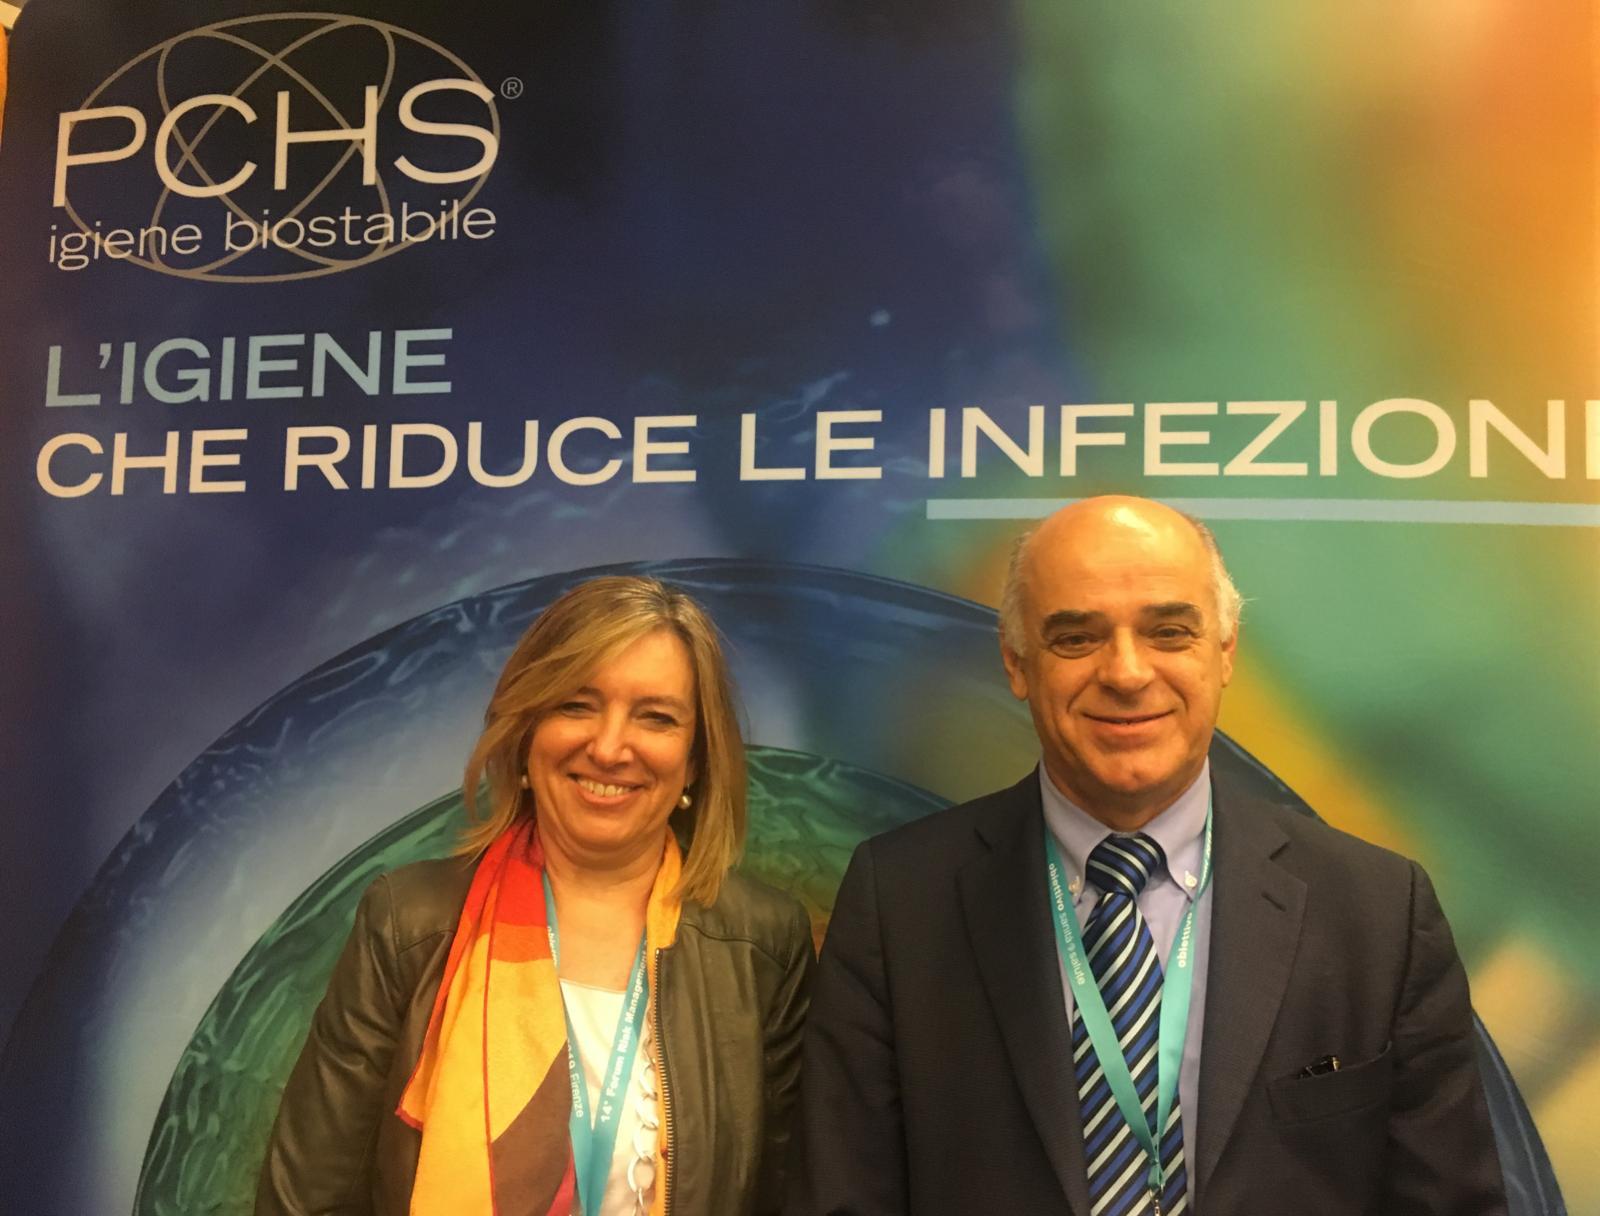 Copma ottiene il certificato Ecolabel dell'Unione Europea per l'innovativo sistema di sanificazione PCHS